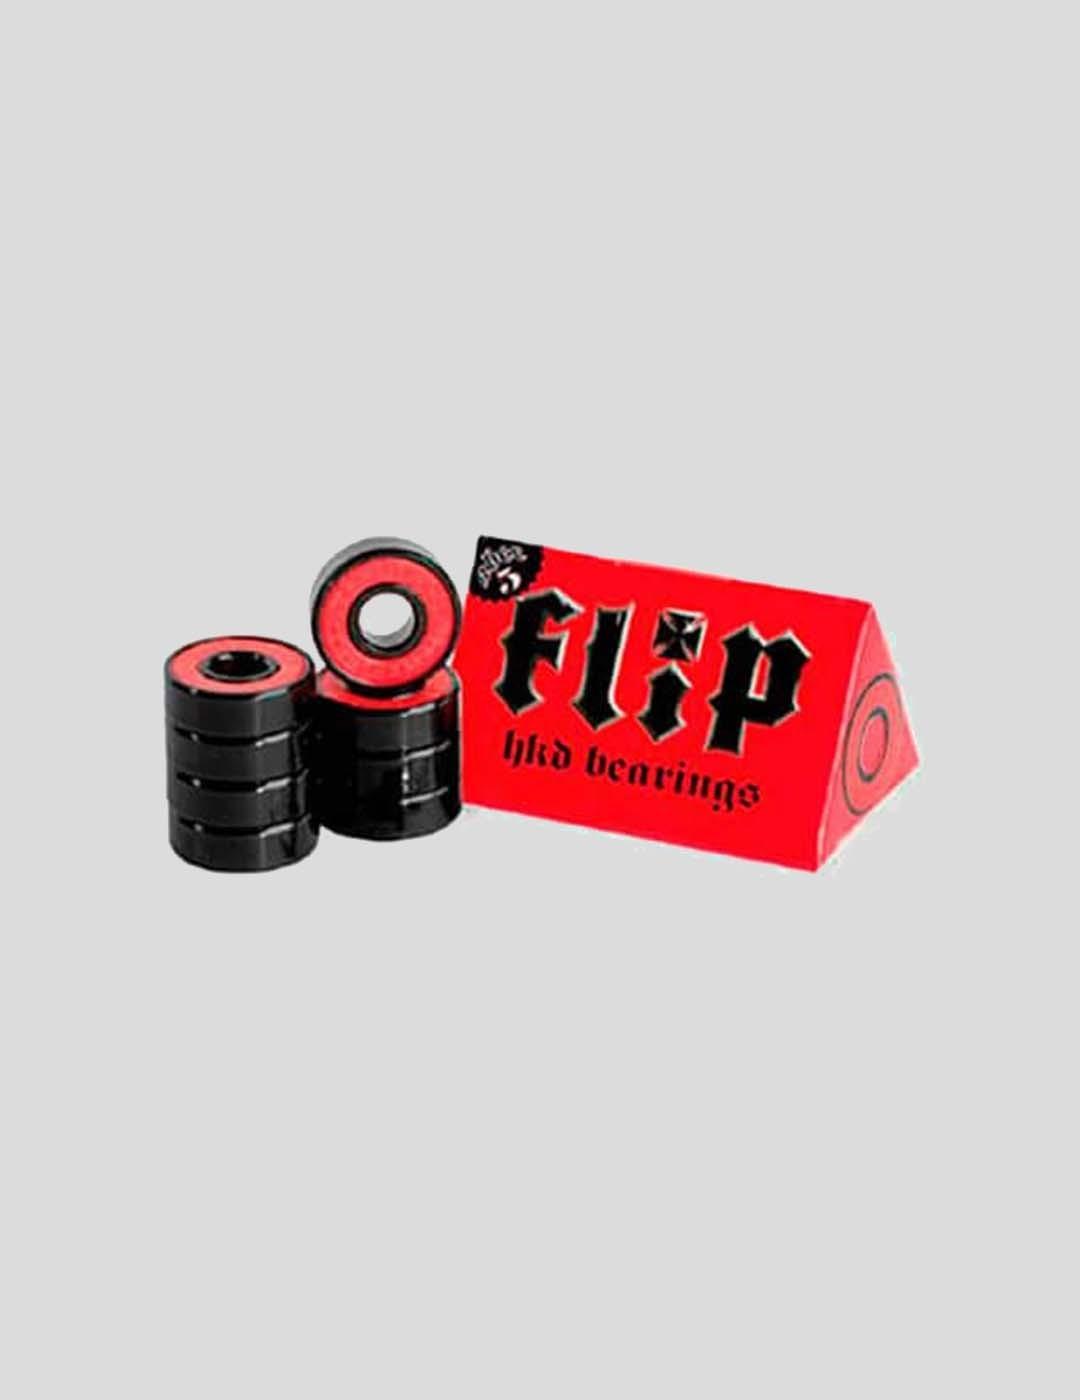 RODAMIENTOS FLIP ABEC 5 HKD BEARINGS BLACK